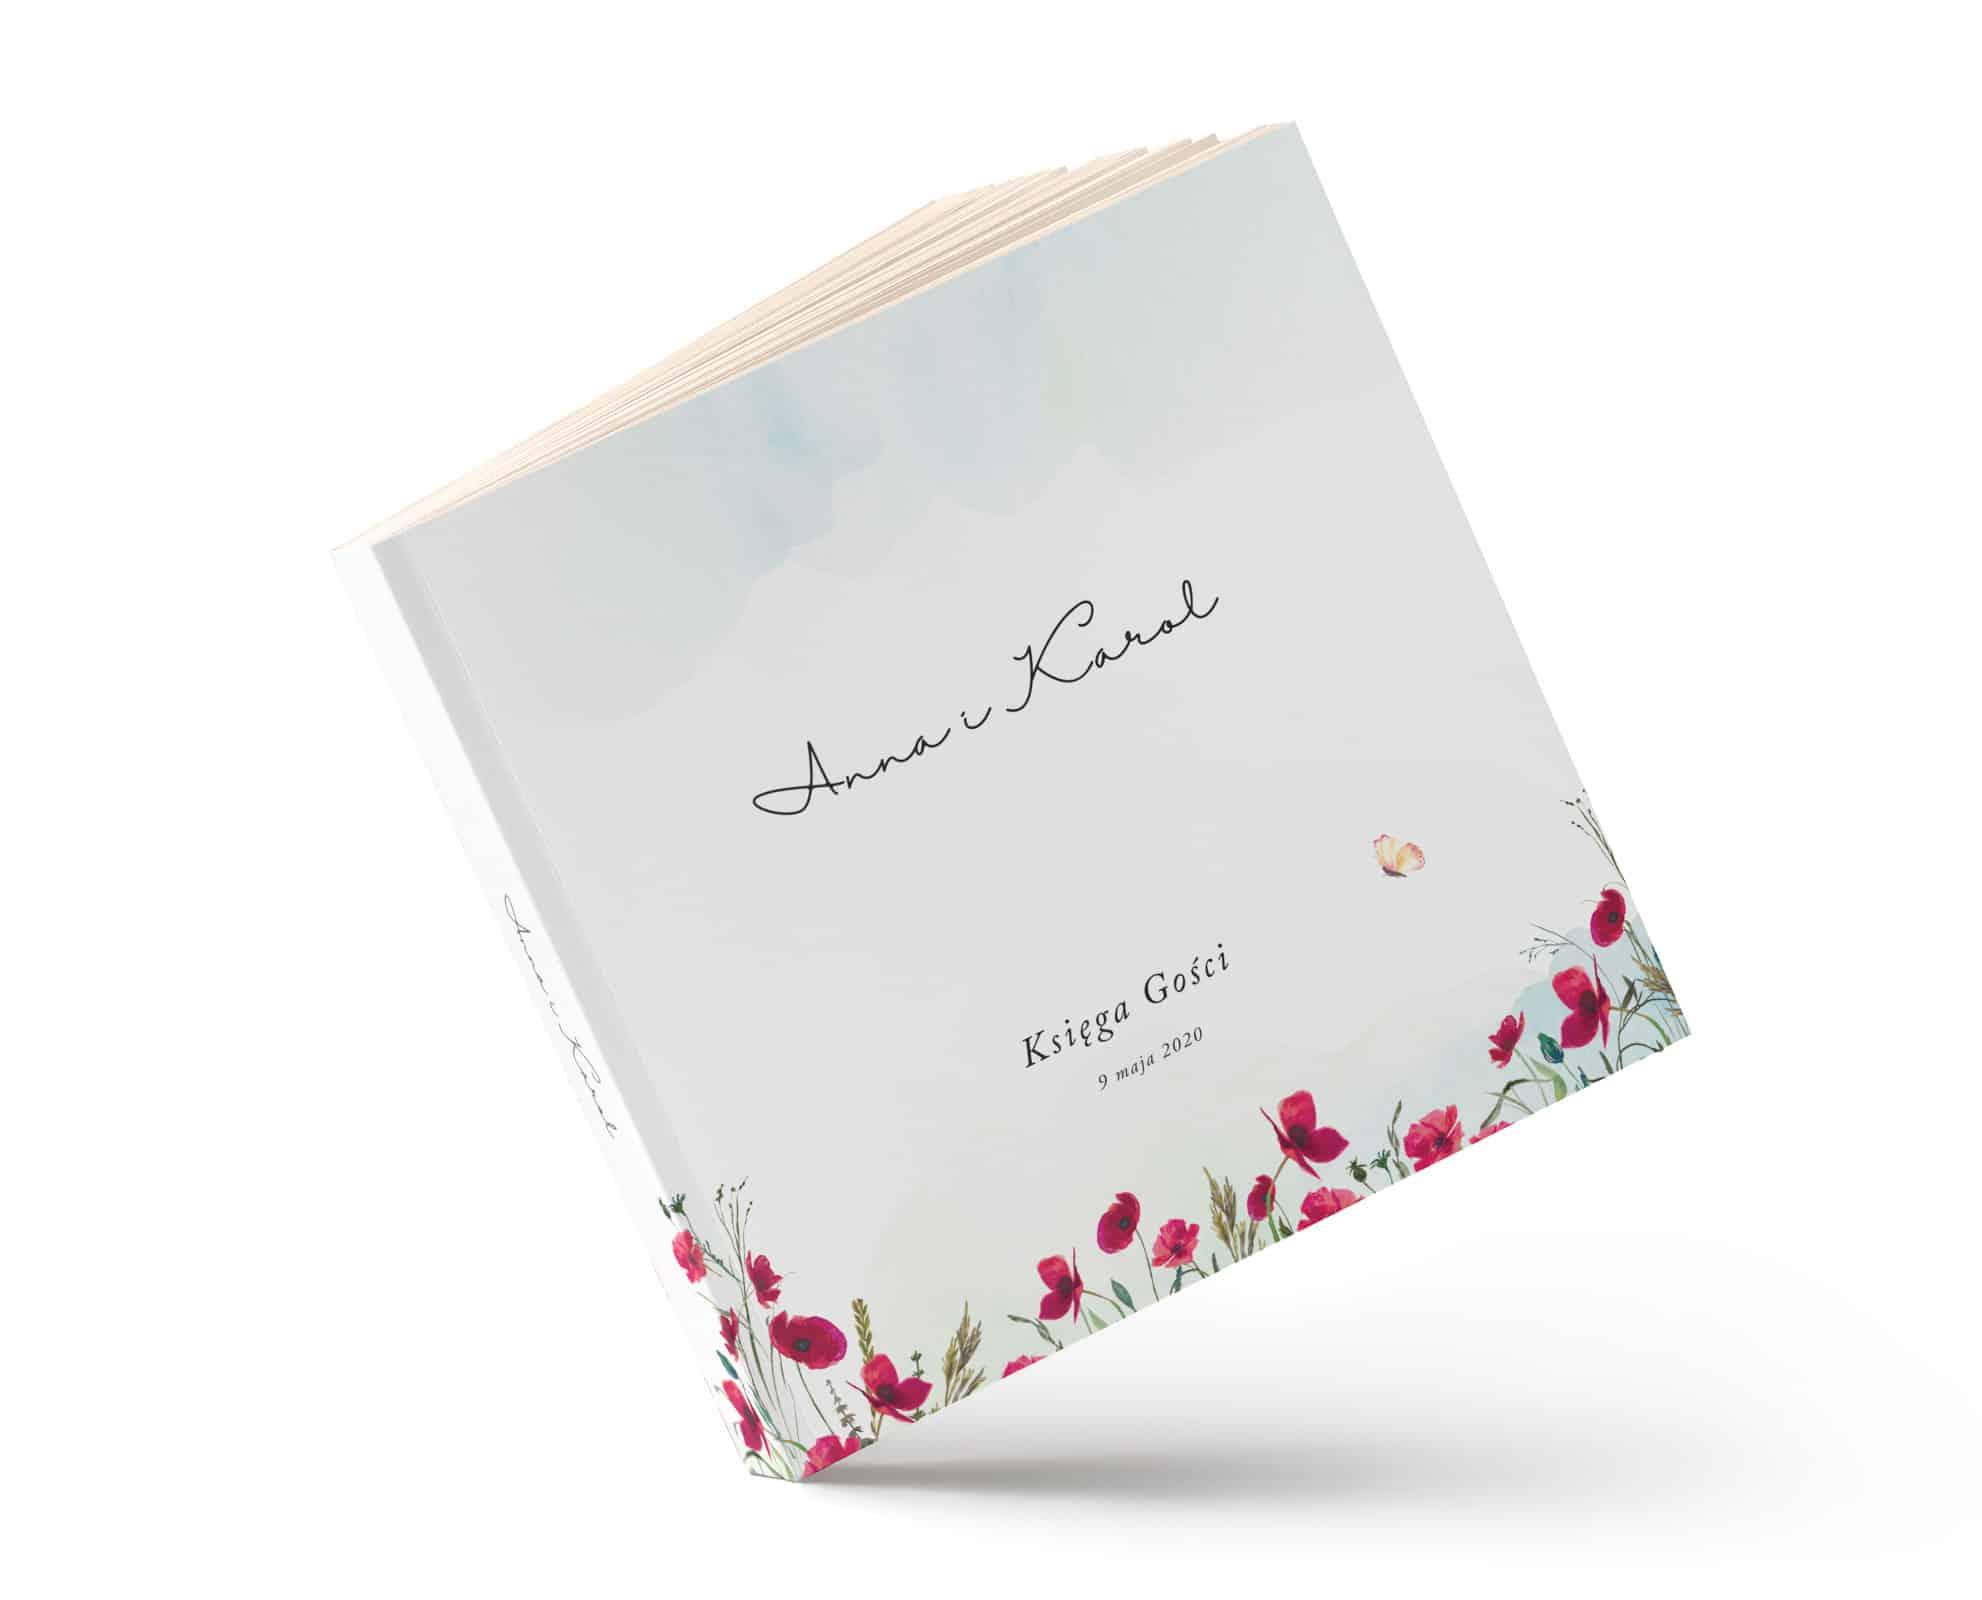 Księga gości w formie albumu z motywem czerwonych maków